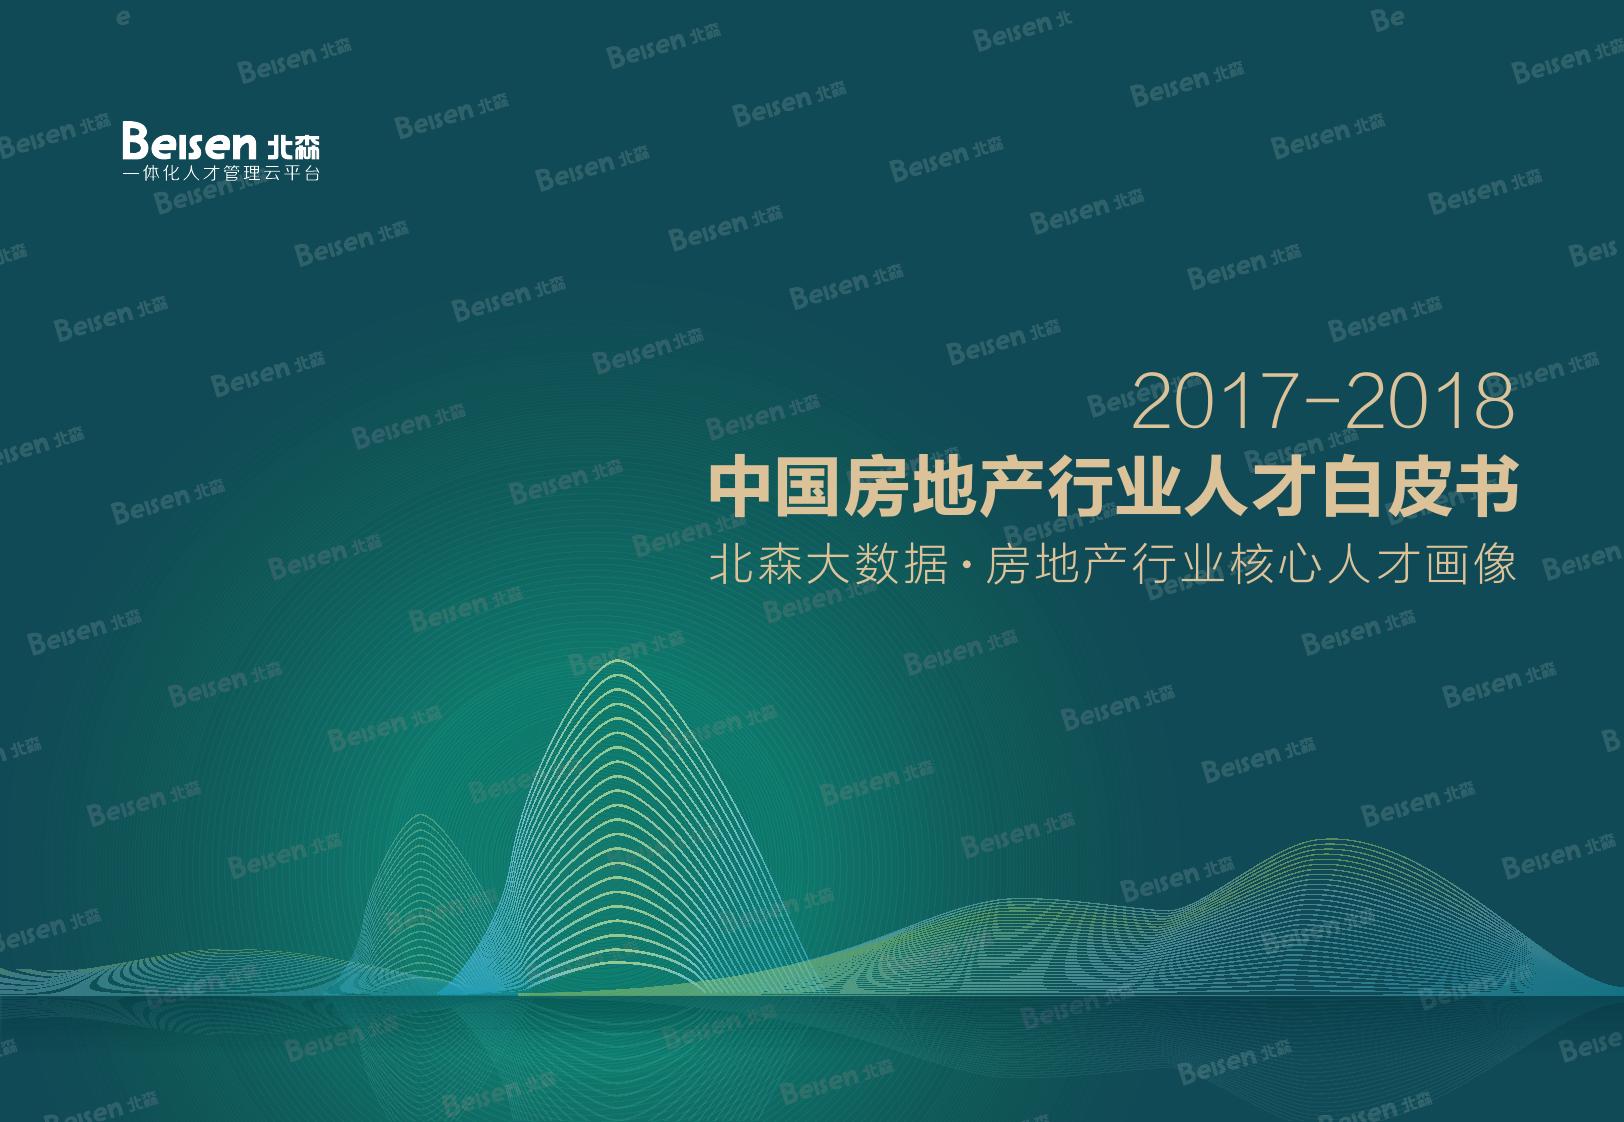 北森:2017-2018中国房地产行业人才白皮书(附下载)